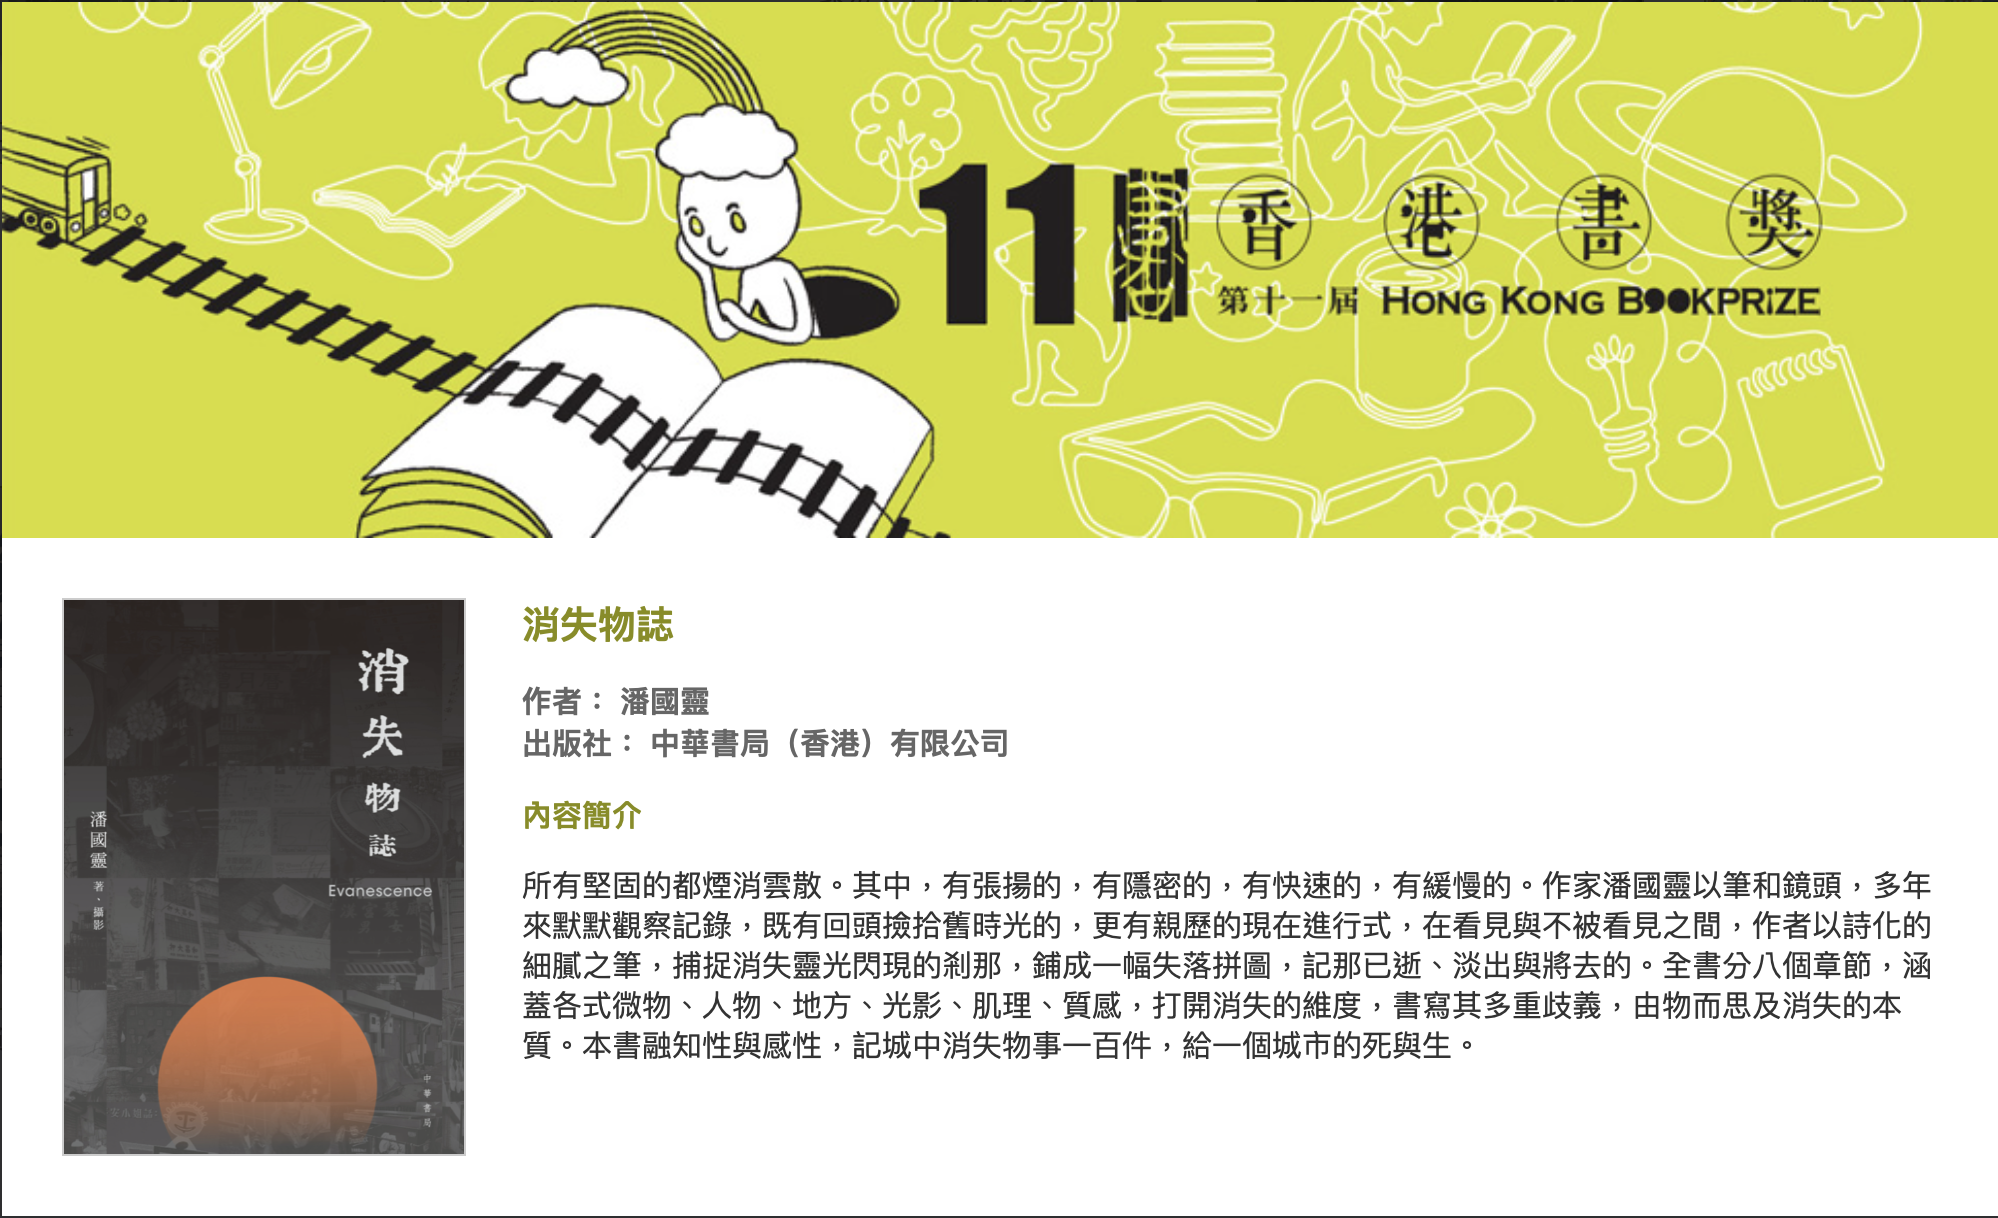 香港電台第十一屆「香港書獎」